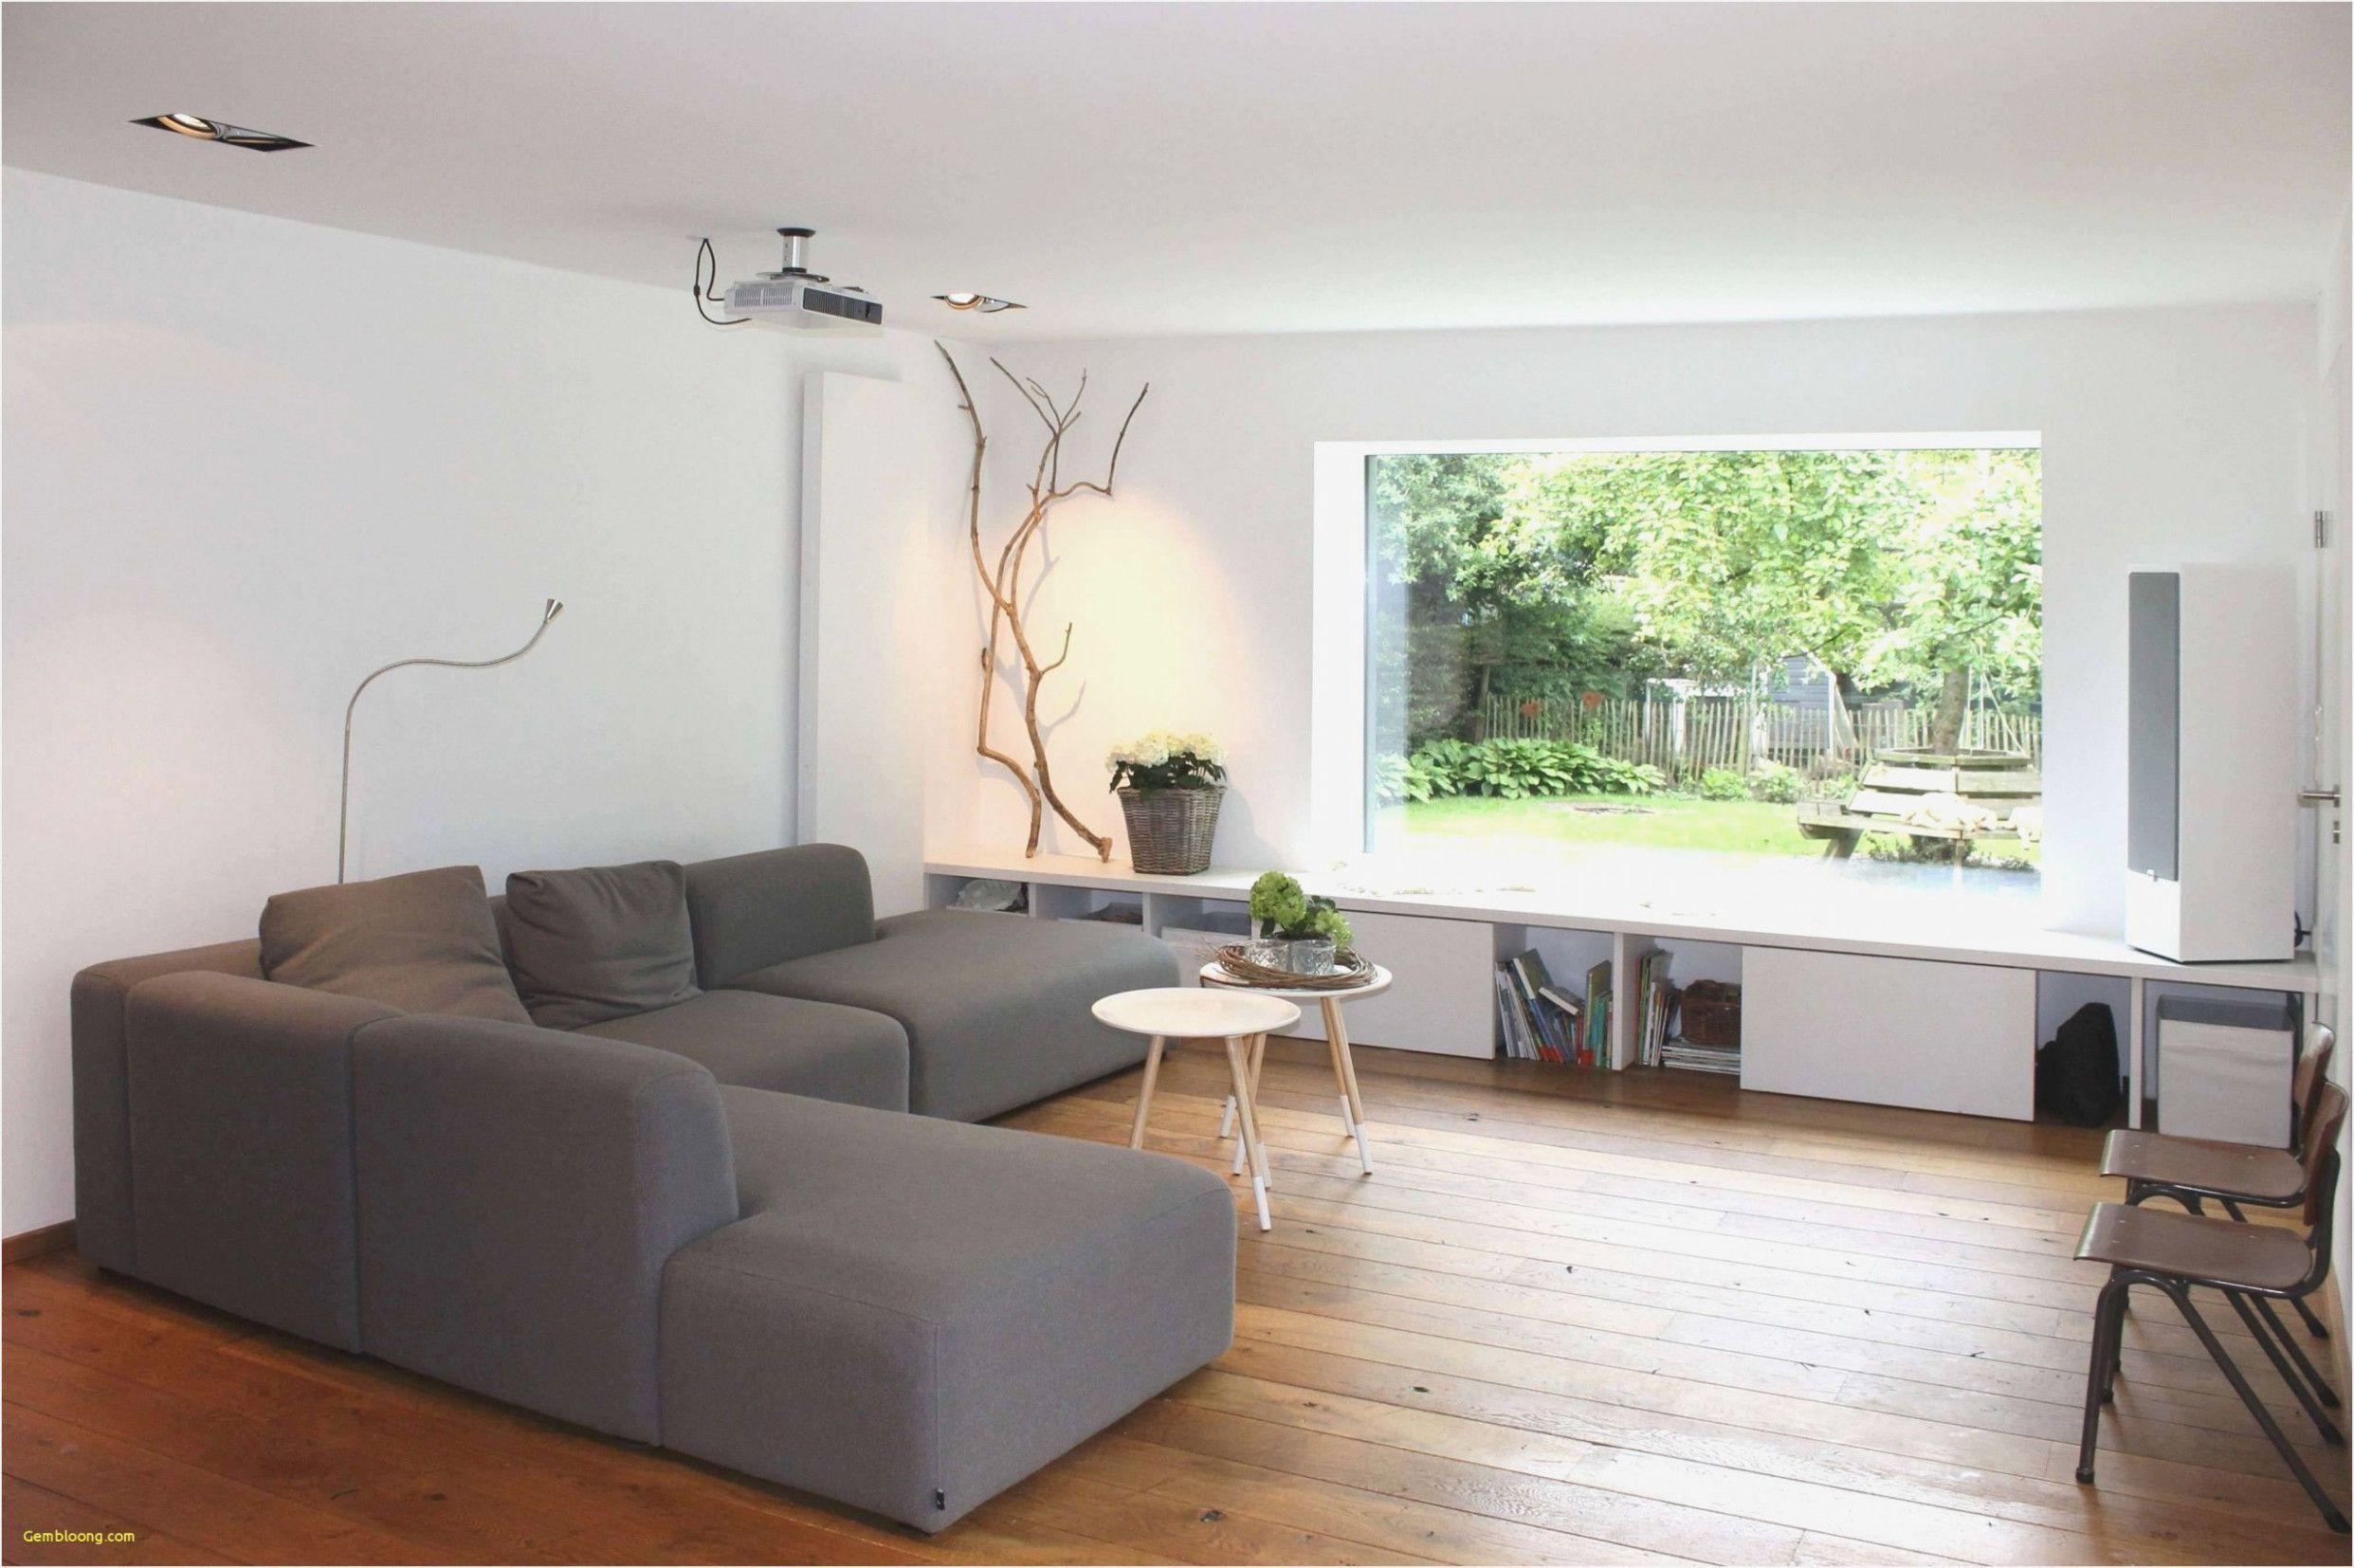 8 Reihenhaus W - #reihenhaus in 8  Small living room